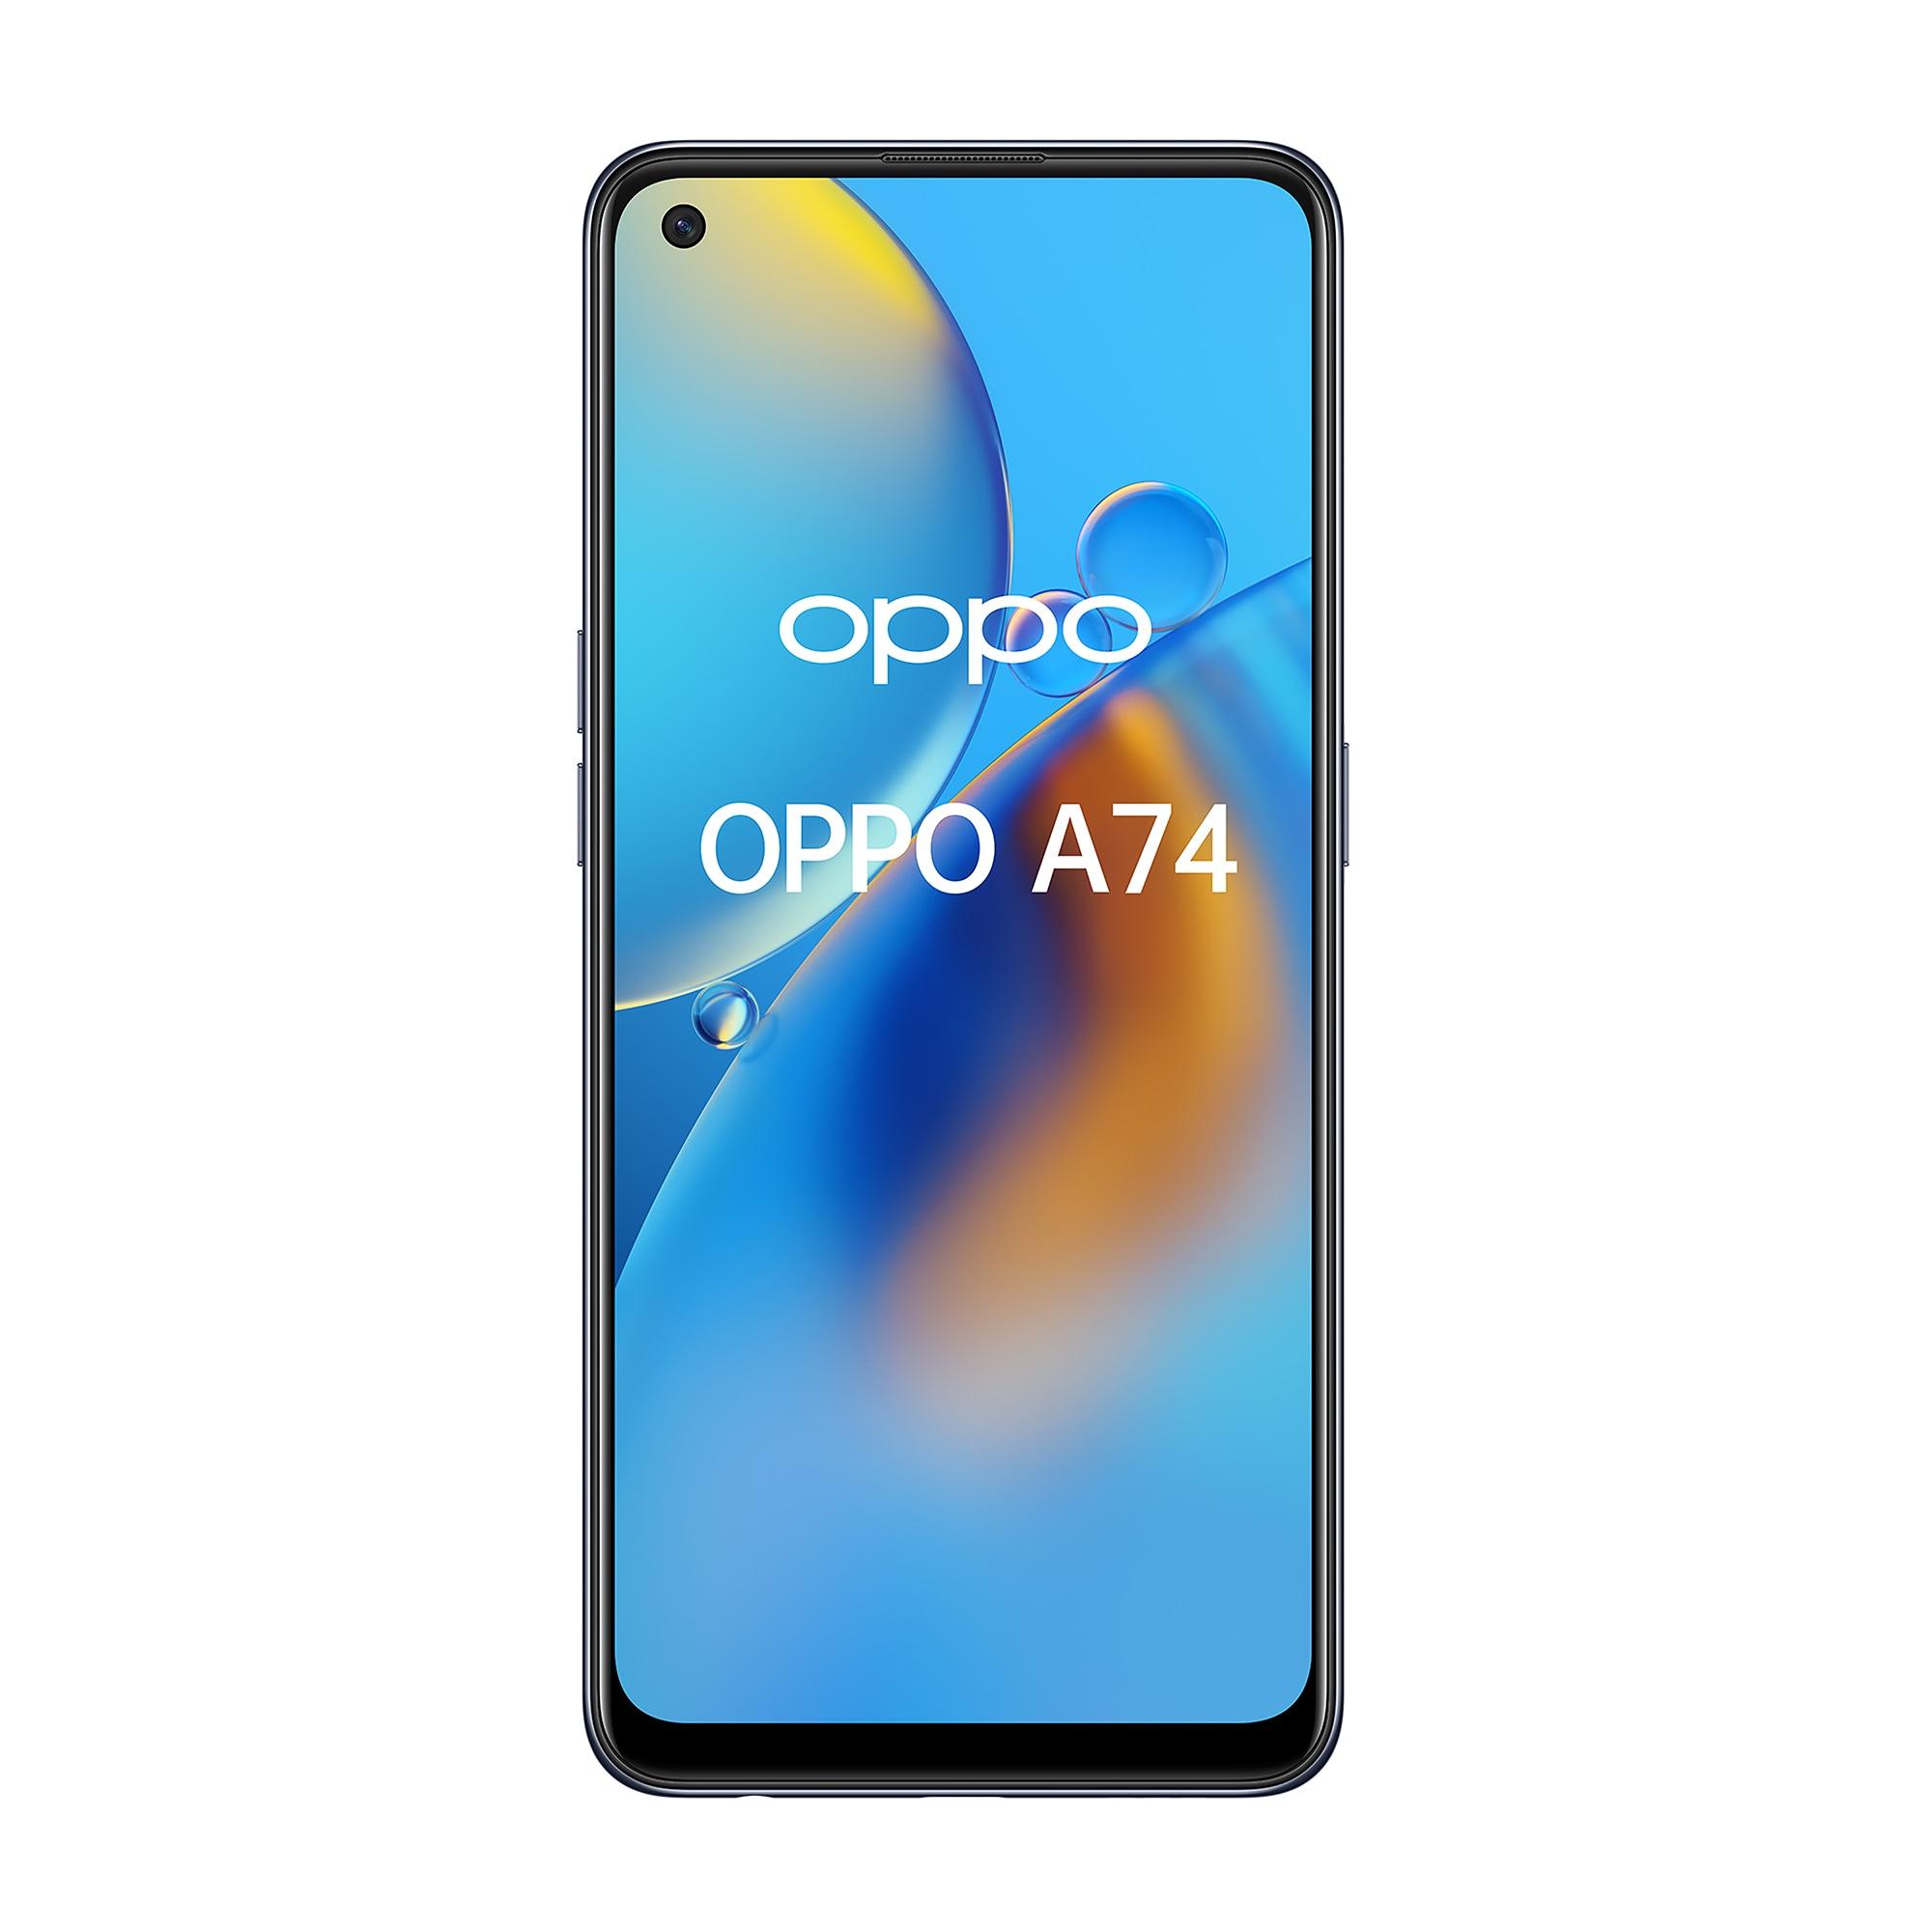 OPPO lancia in Italia i tre smartphone della Serie A: A94 5G, A74 5G E A54 5G (foto)